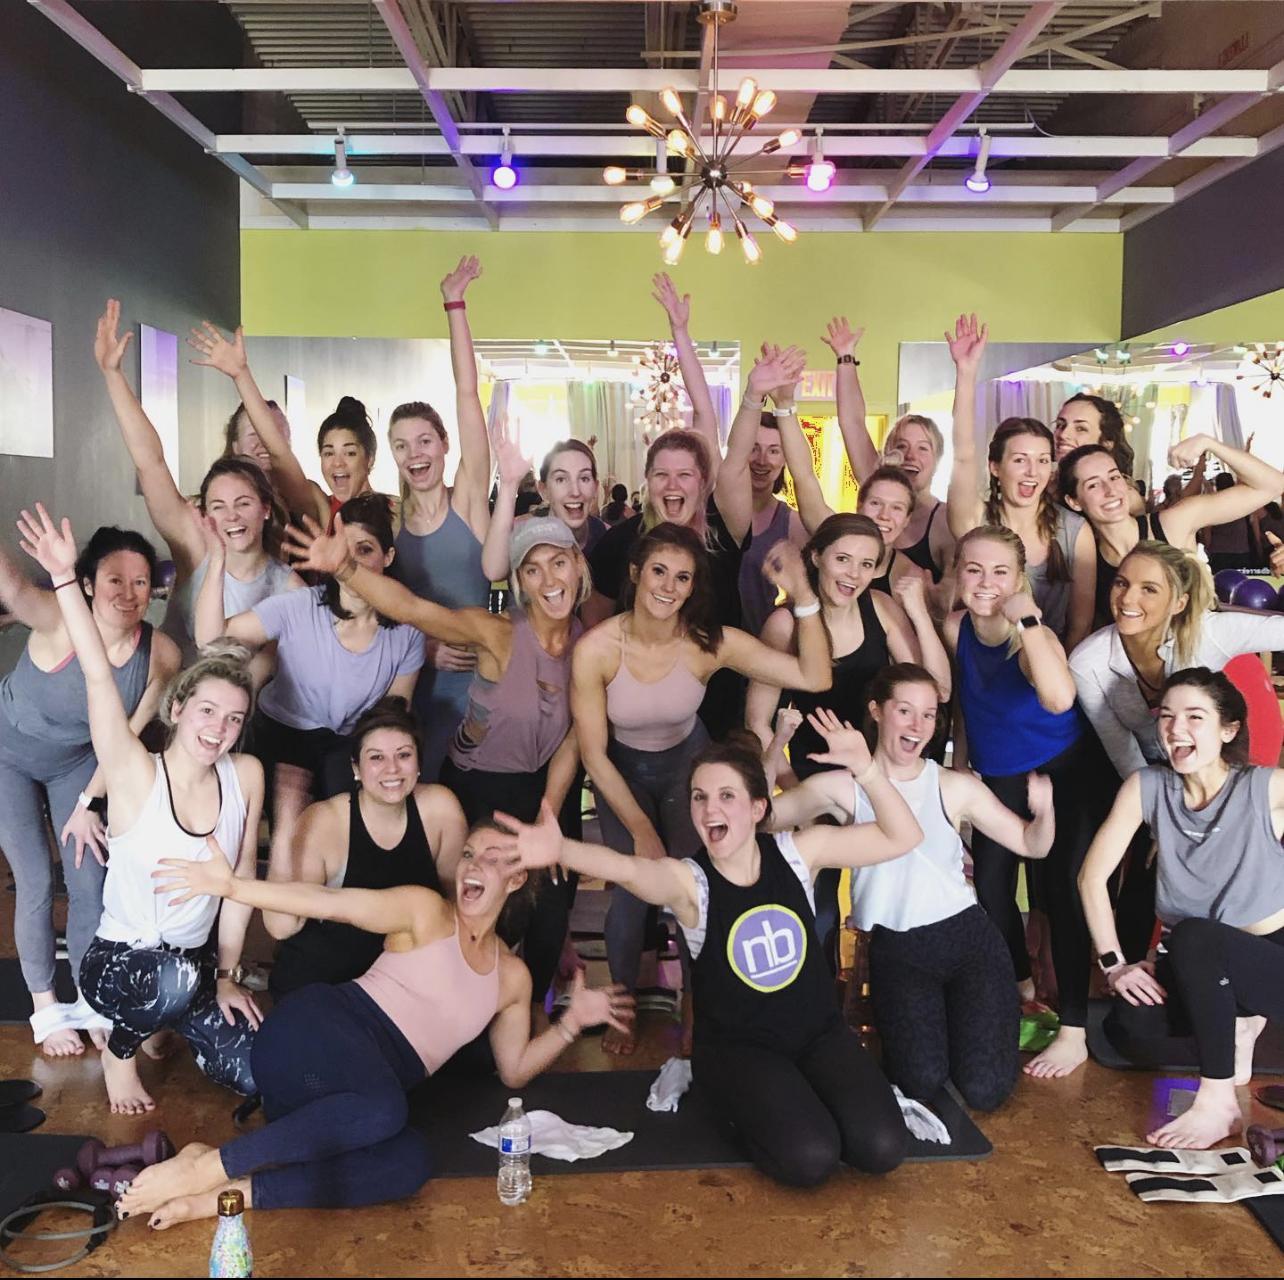 Katy Richardson Group Photo